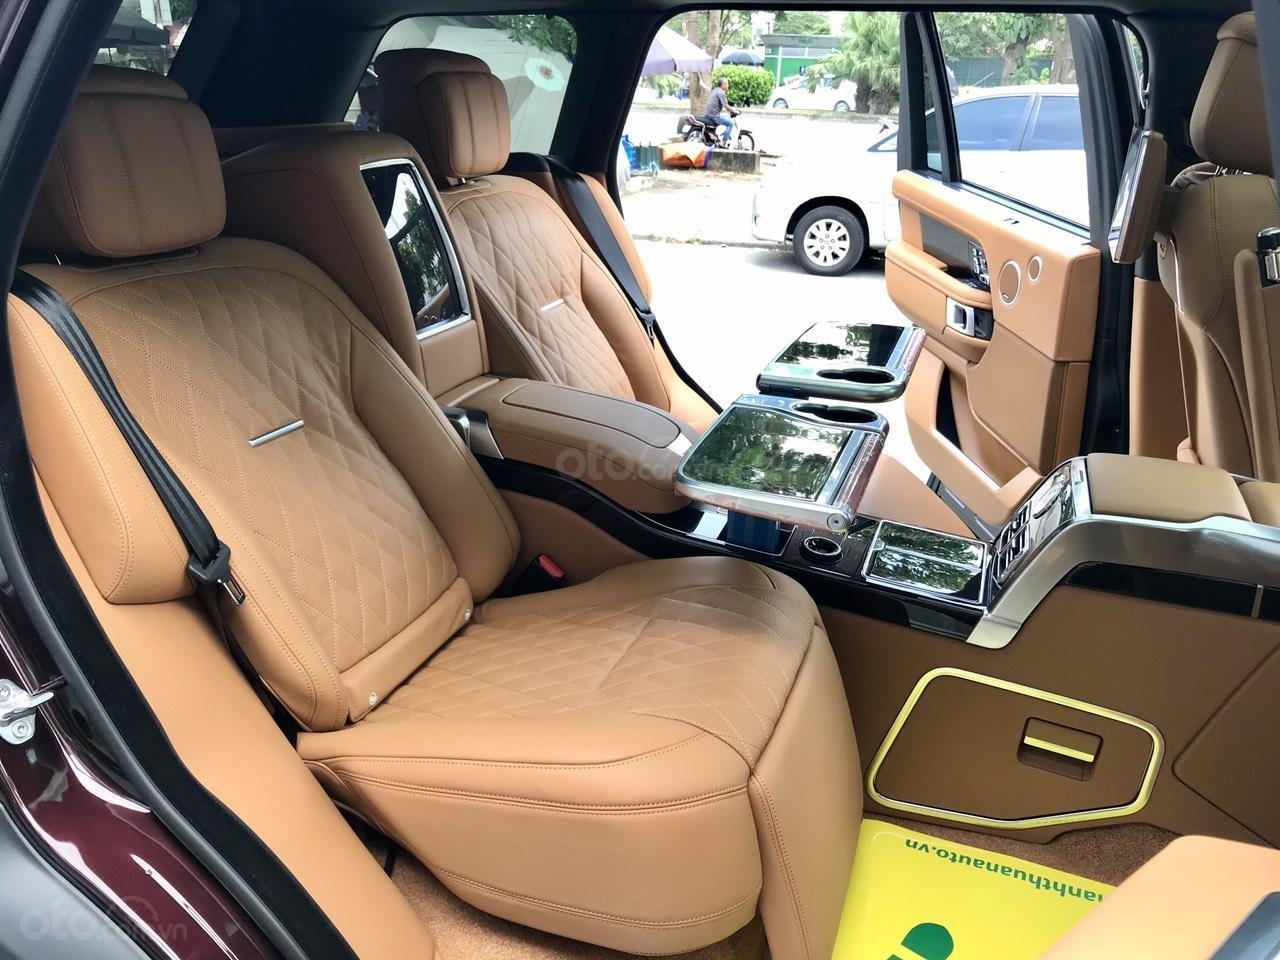 Bán xe Range Rover SV Autobiography 3.0 màu đỏ 2020, xe có sẵn giao ngay toàn quốc, giá tốt LH Ms Hương (8)